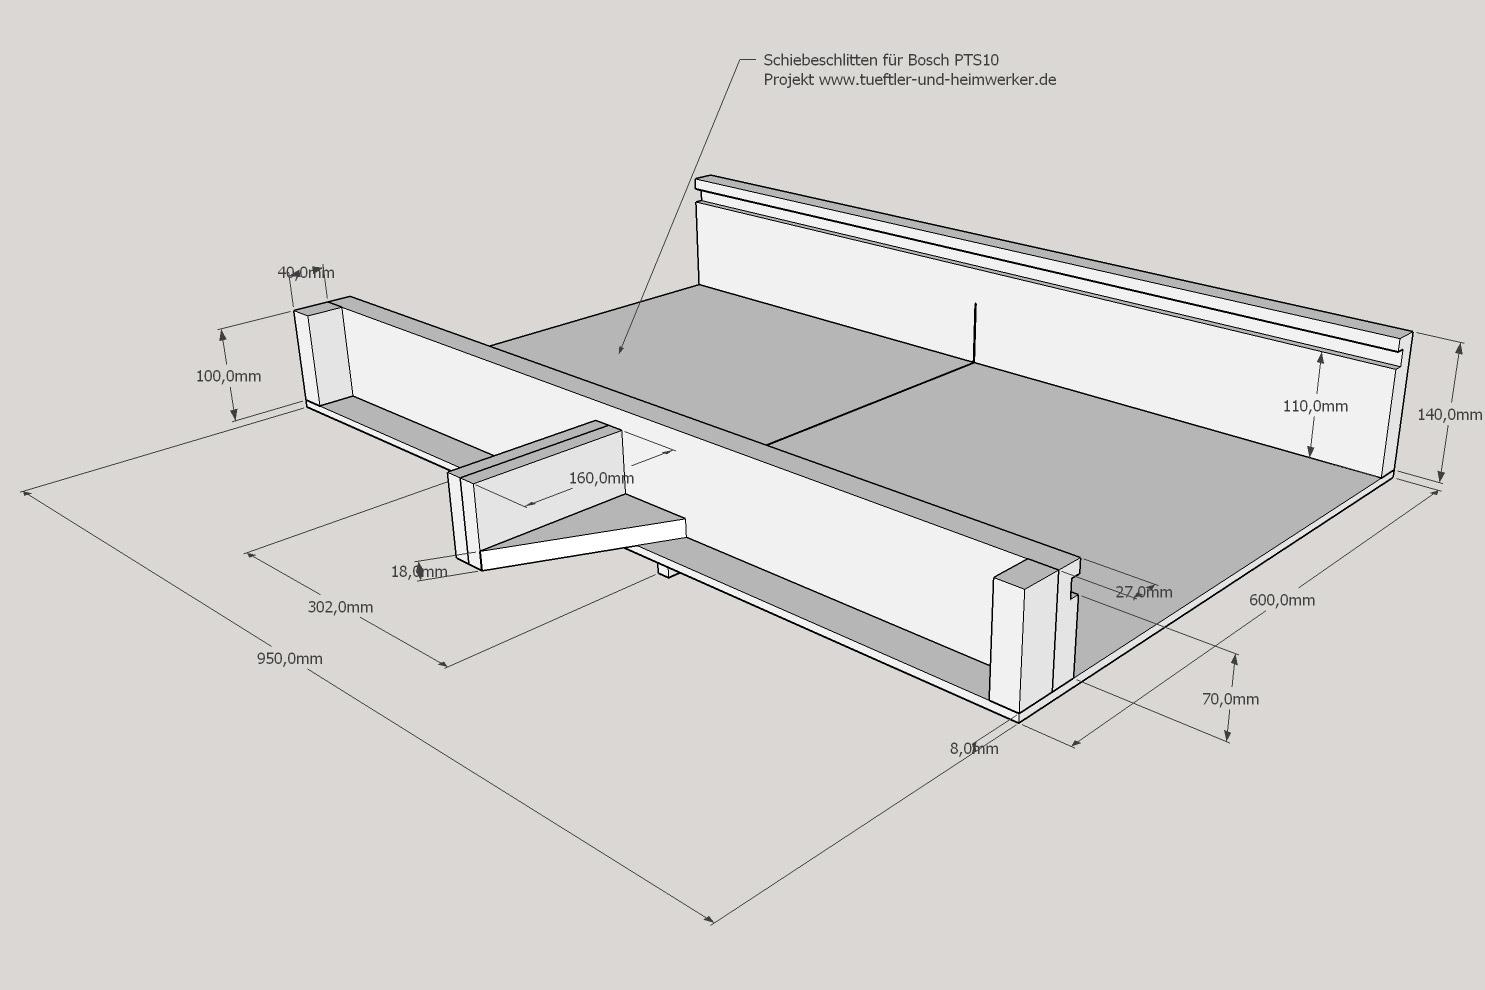 Schiebeschlitten-PTS10-Sketchup